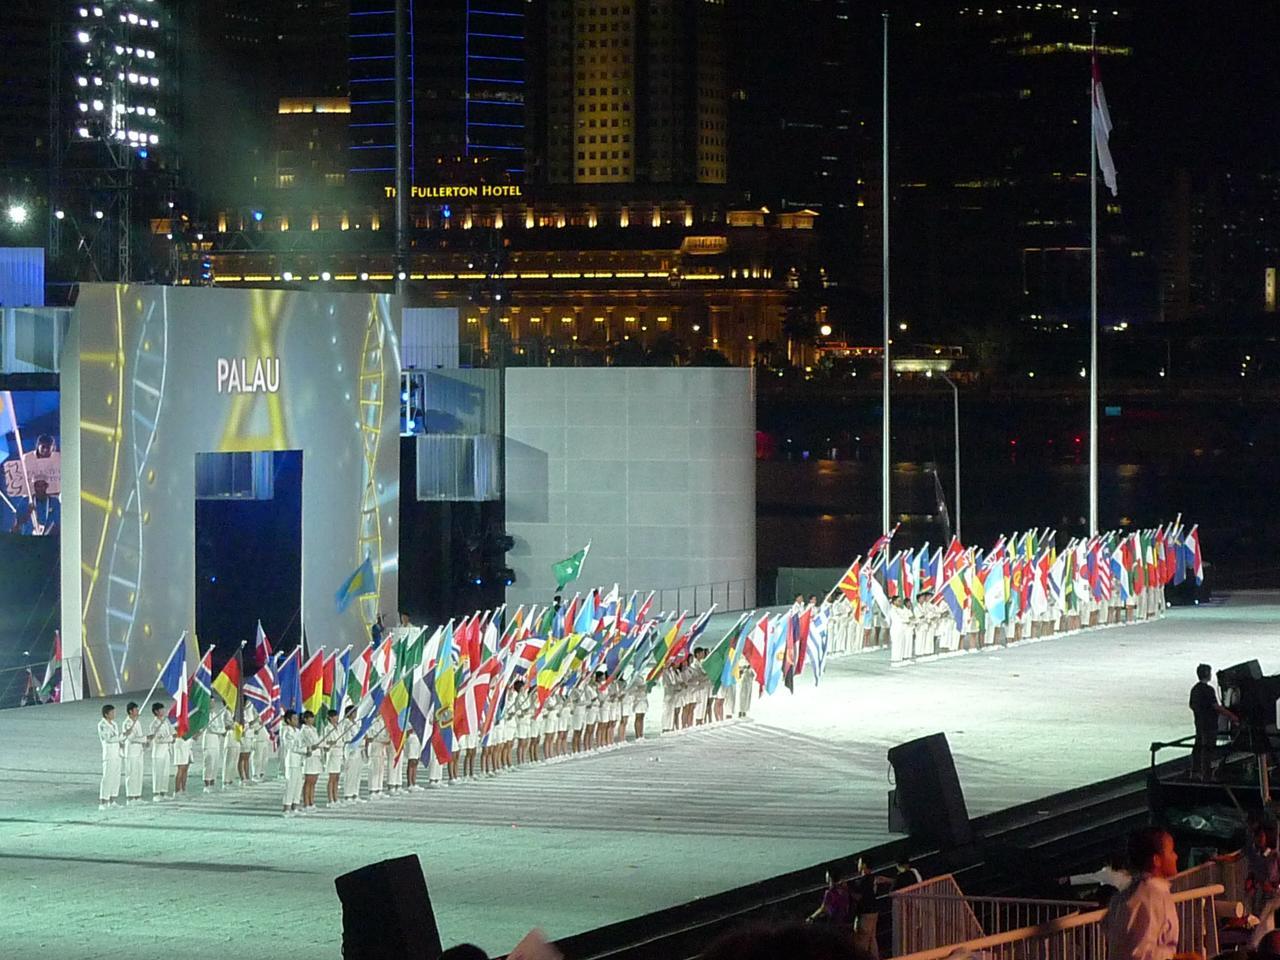 図6.選手団の旗。マリーナ湾フローティングプラットフォームで開かれたユースオリンピック大会(2010年)の開会式にて。 https://www.en.wikipedia.org/wiki/2010_Summer_Youth_Olympics#/media/File:Opening_Ceremony_of_Singapore_YOG_2010_flags.jpg